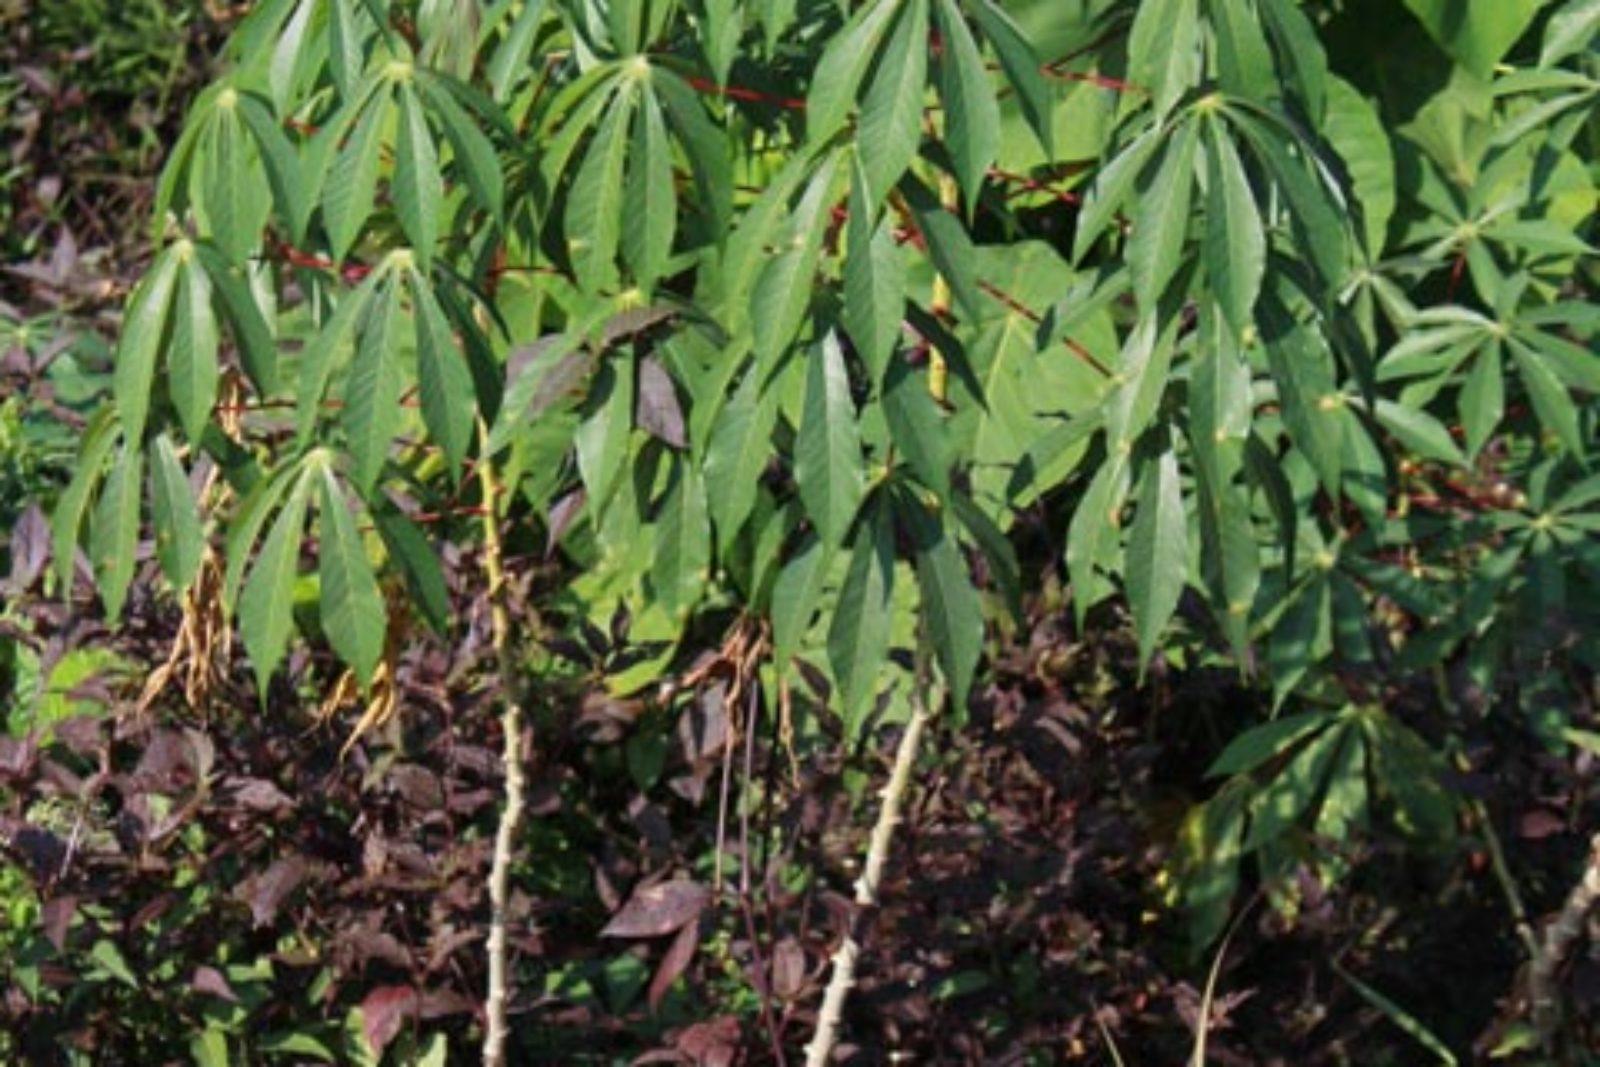 Manihot esculenta